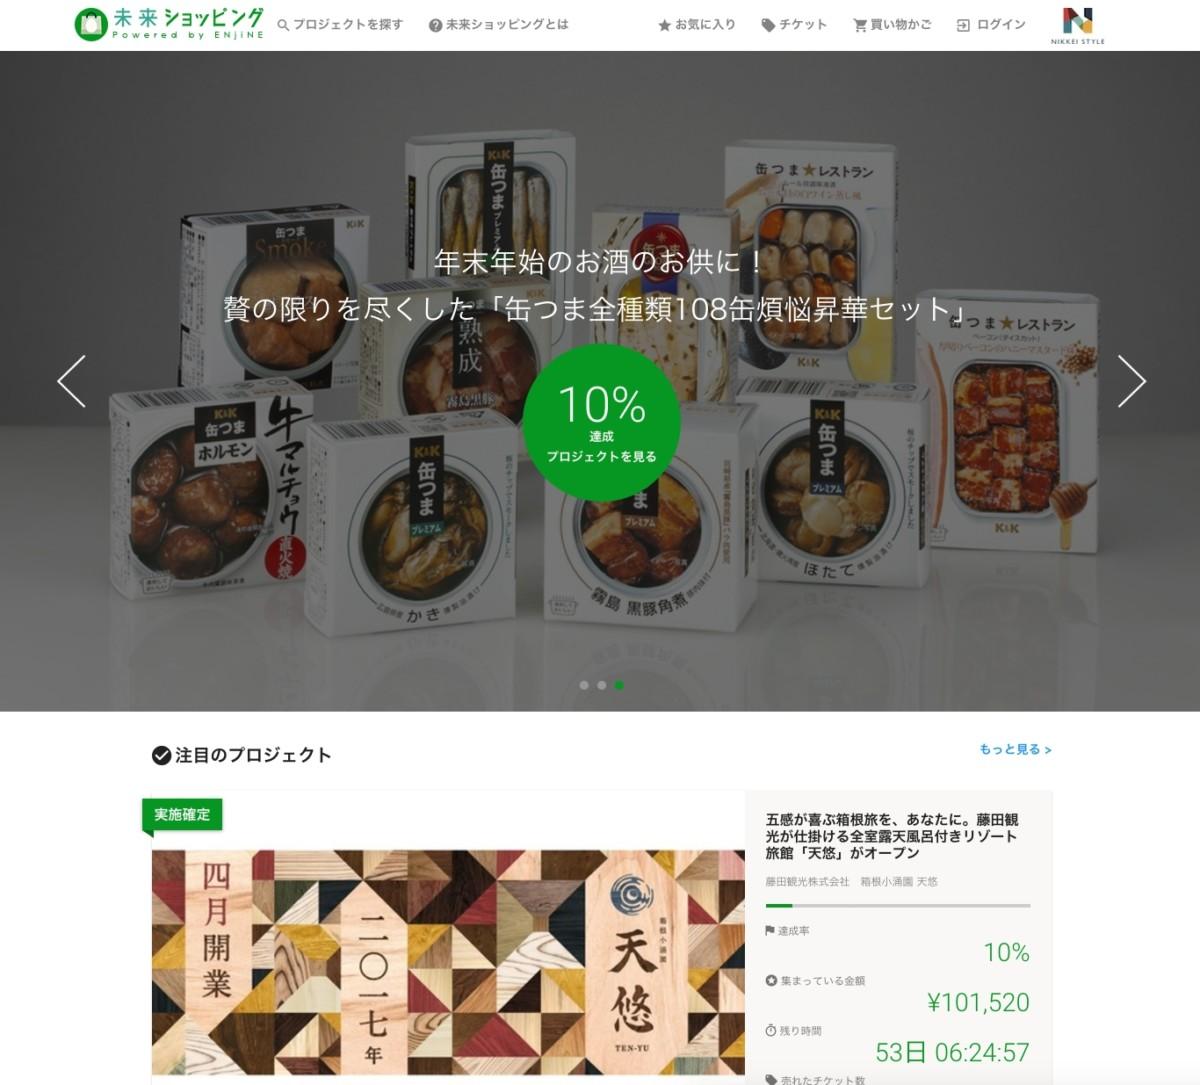 日本経済新聞社が購入型クラウドファンディング「未来ショッピング」をリリース